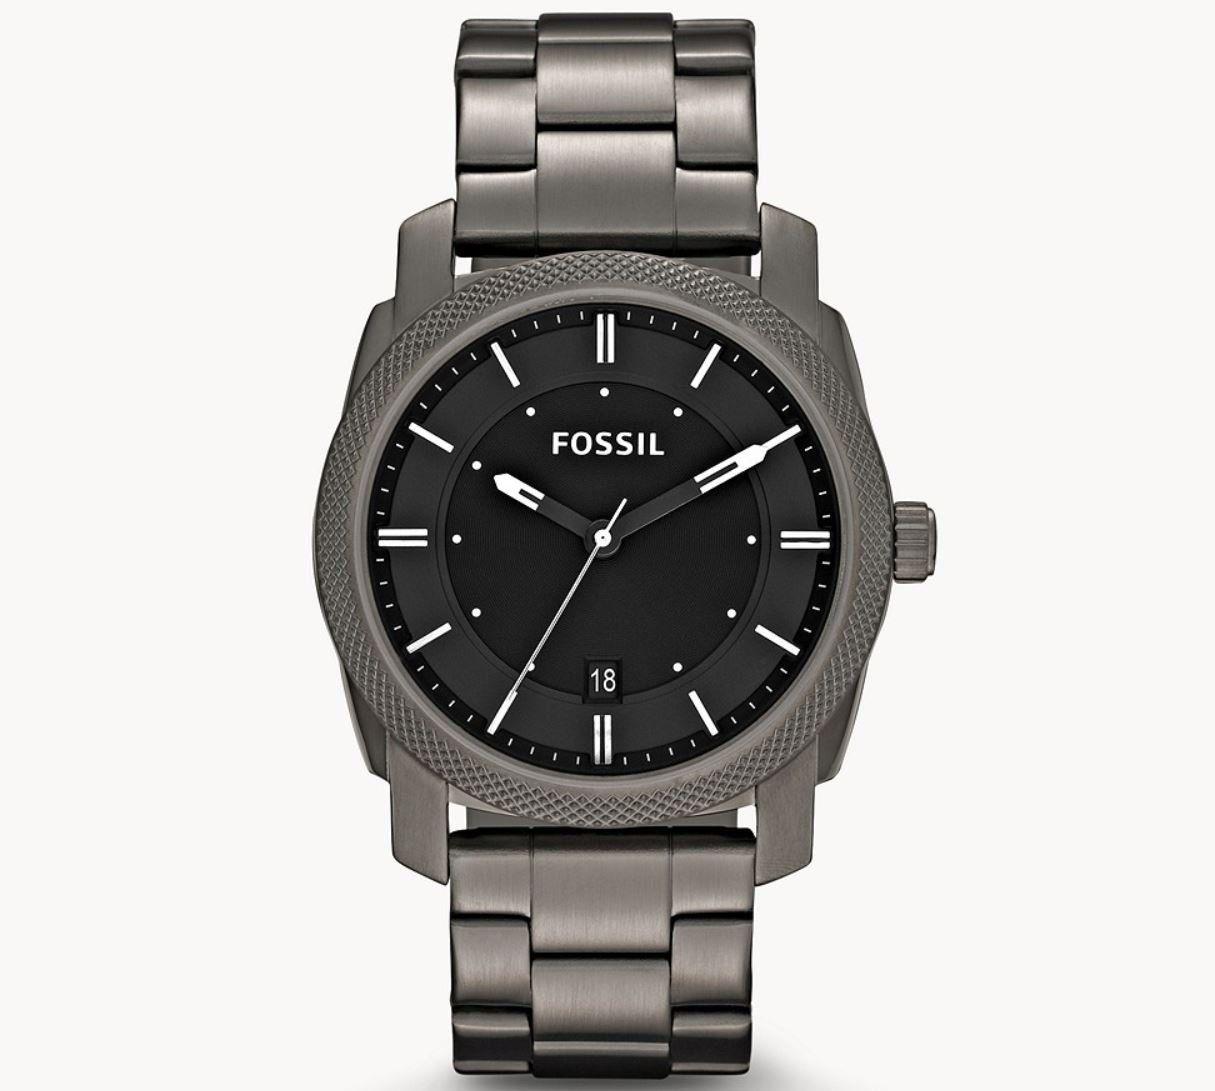 Fossil FS4774 Machine 3 Zeiger/Datum Herren Edelstahl Uhr für 55,79€ (statt 82€)